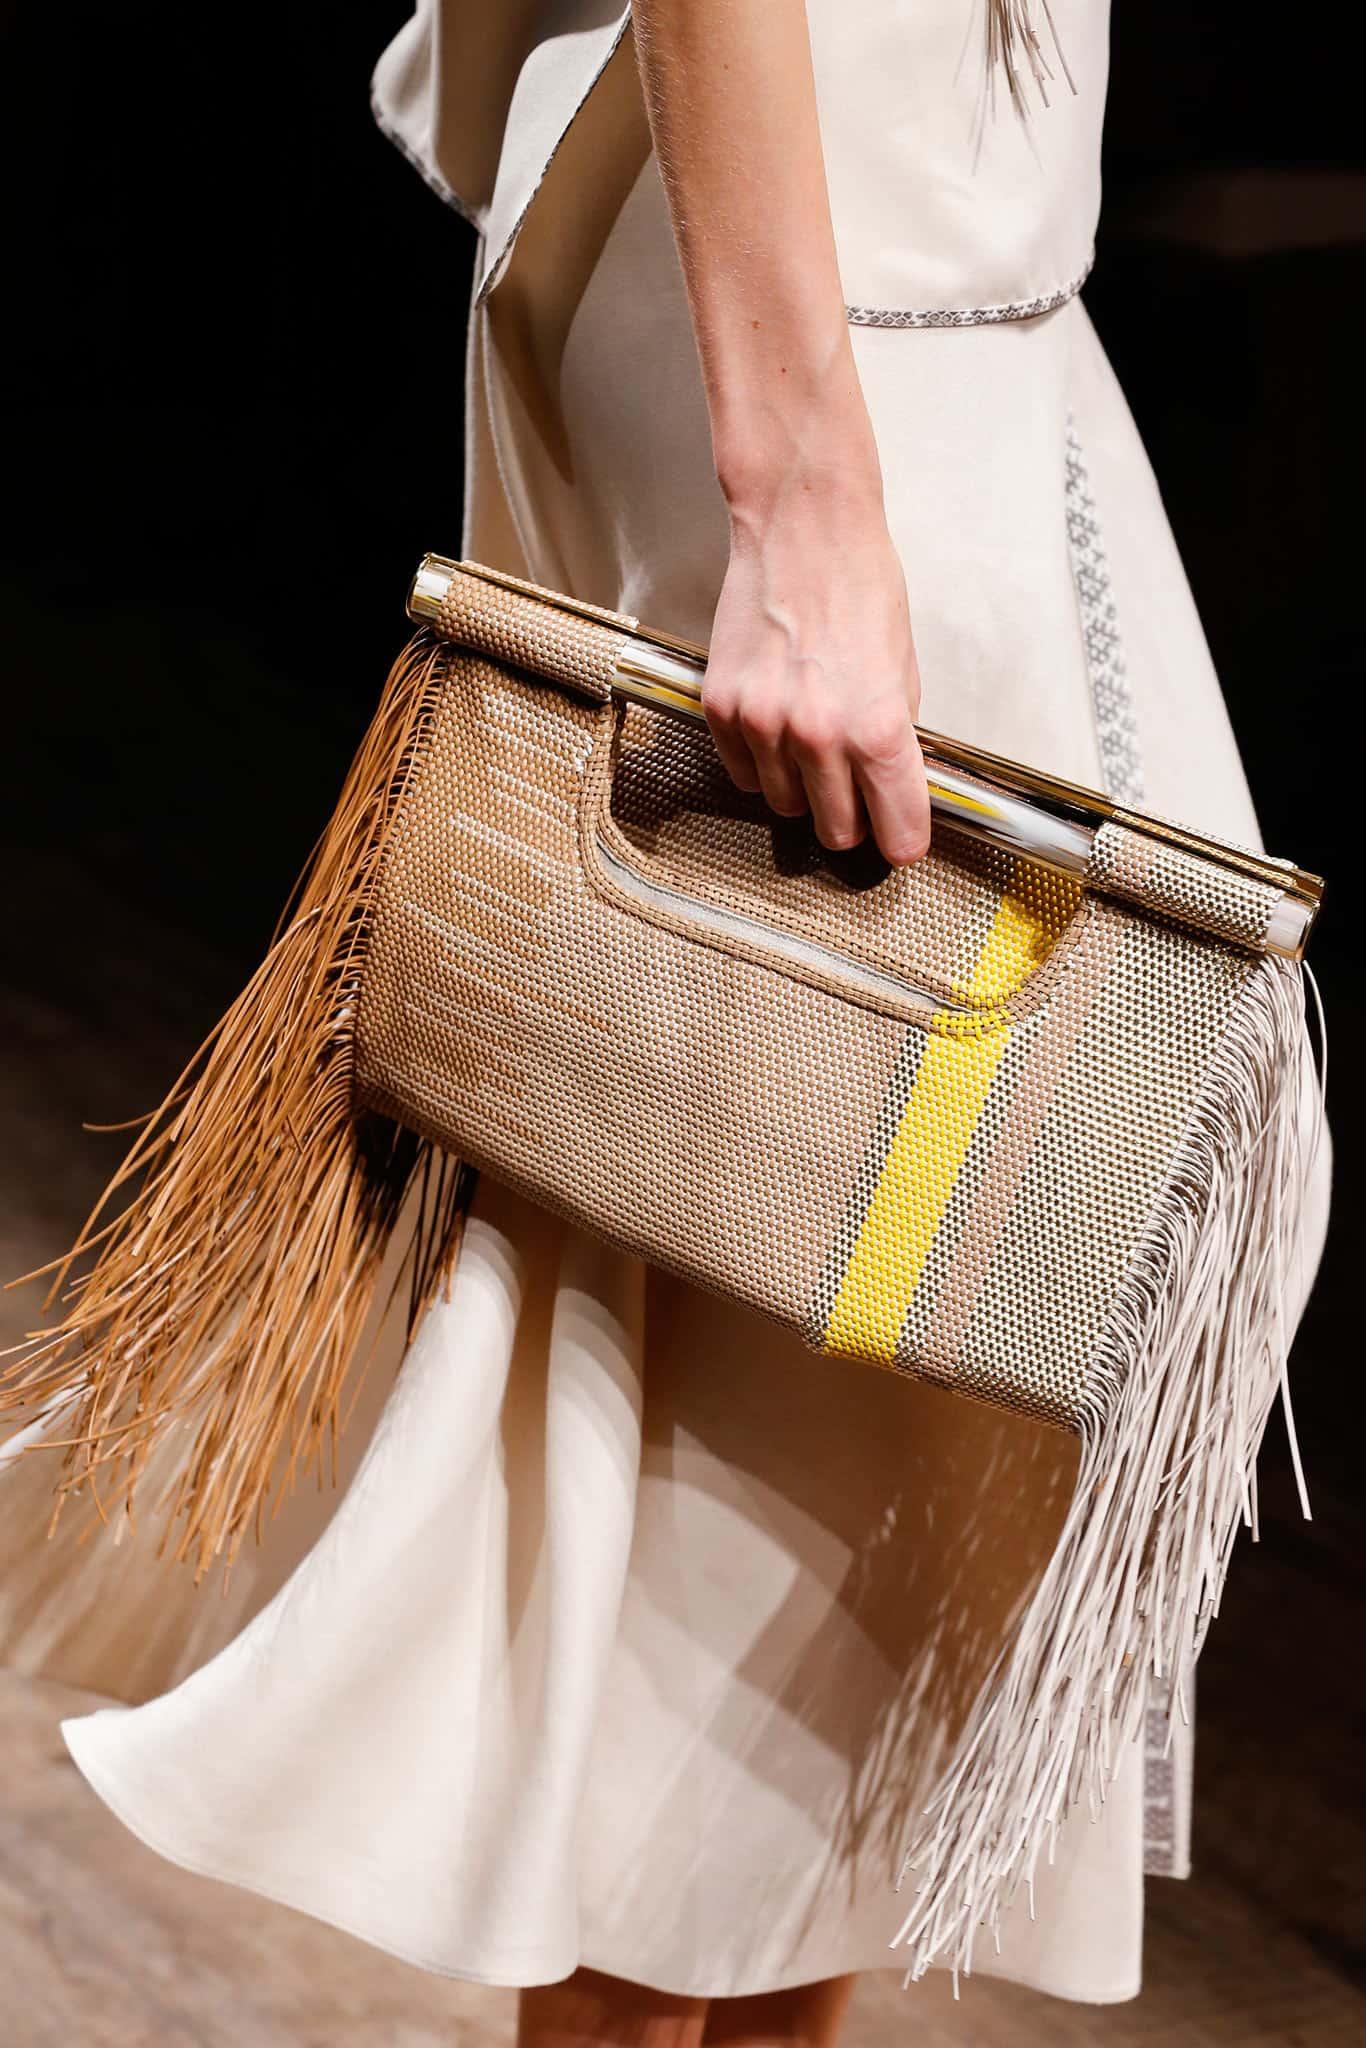 ferragamo-street-style-bags-2015